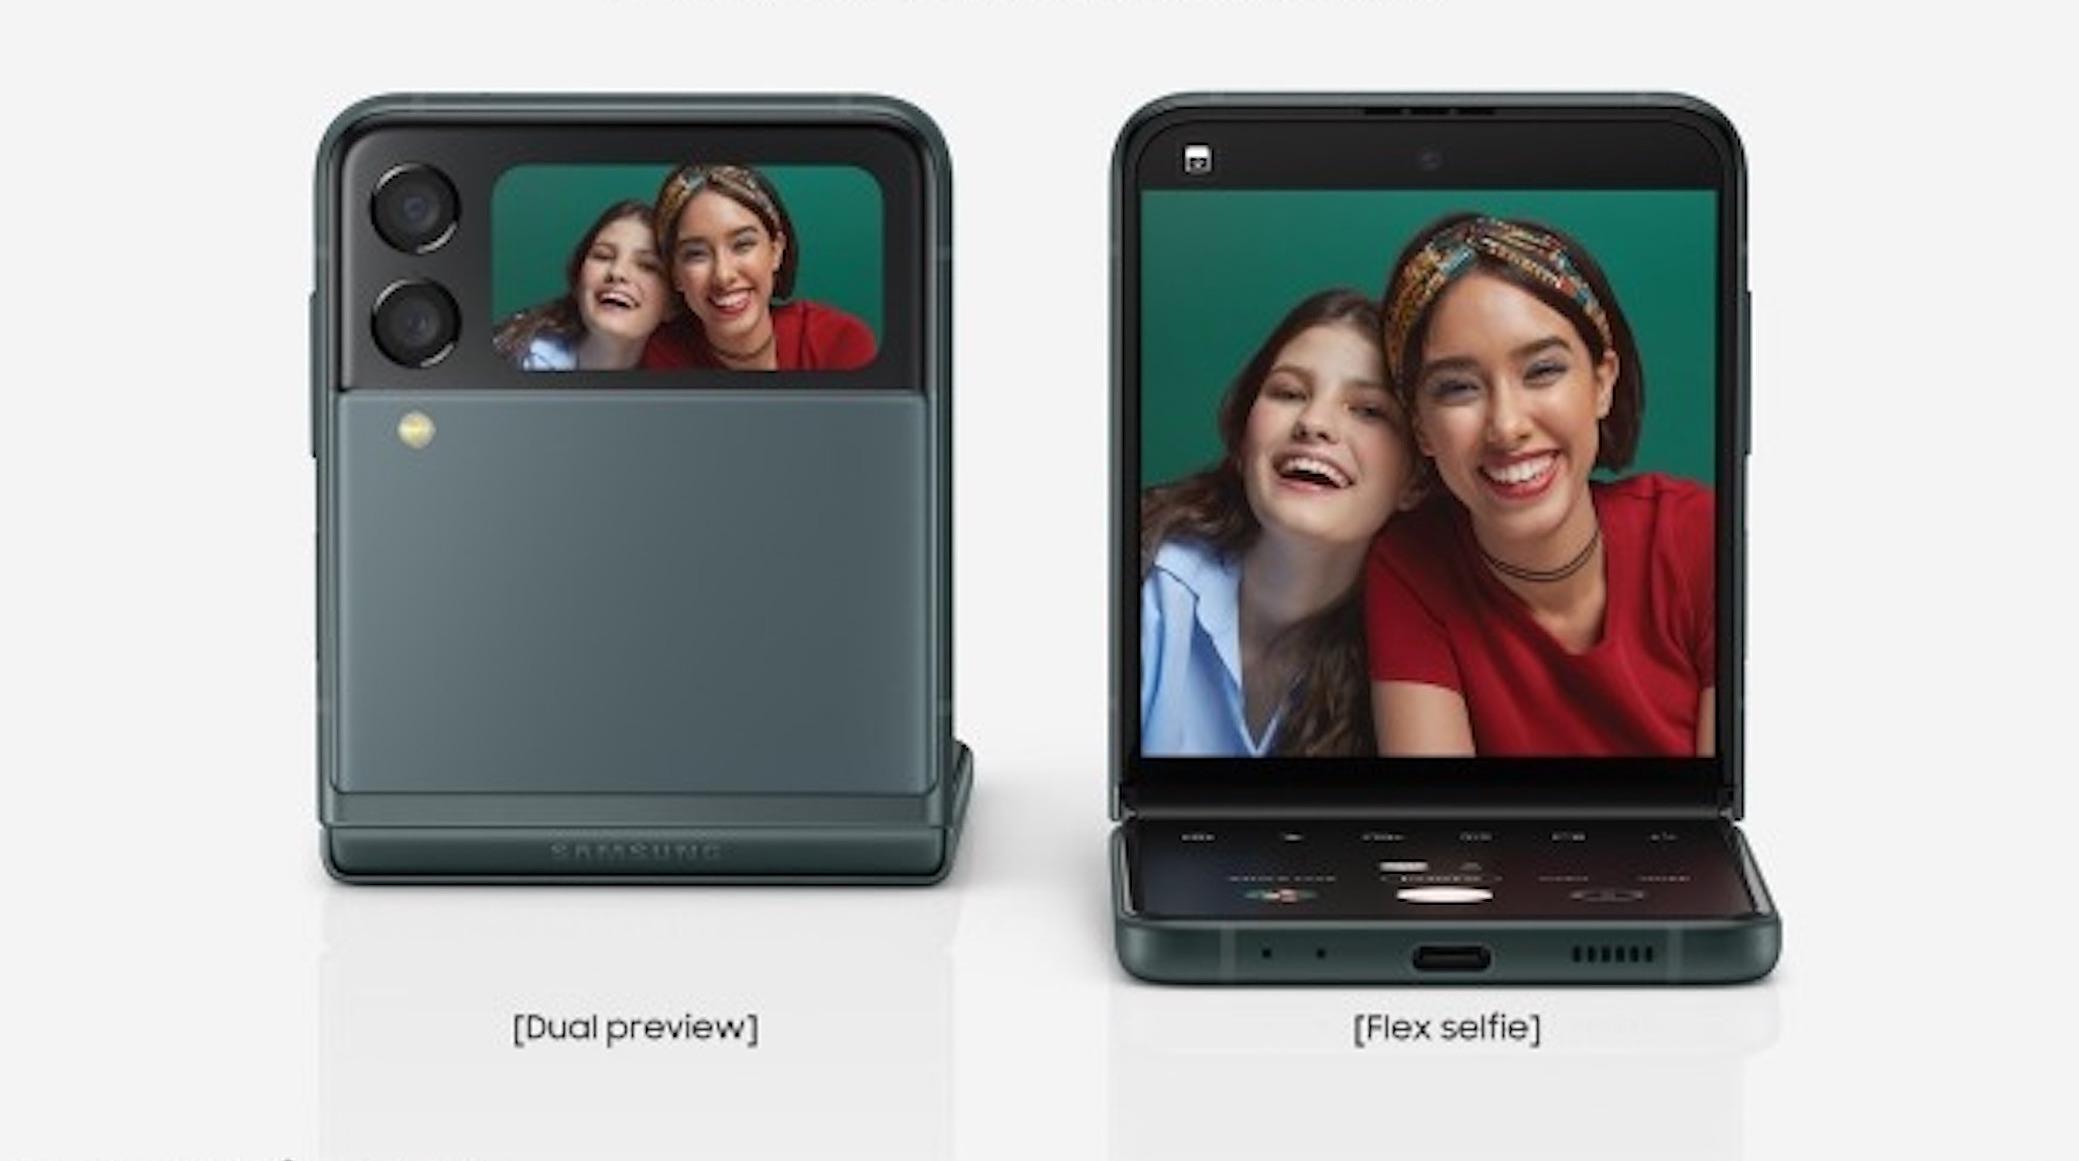 Người dùng có thể xem ảnh chụp mà không cần mở máy, chụp selfie rảnh tay.